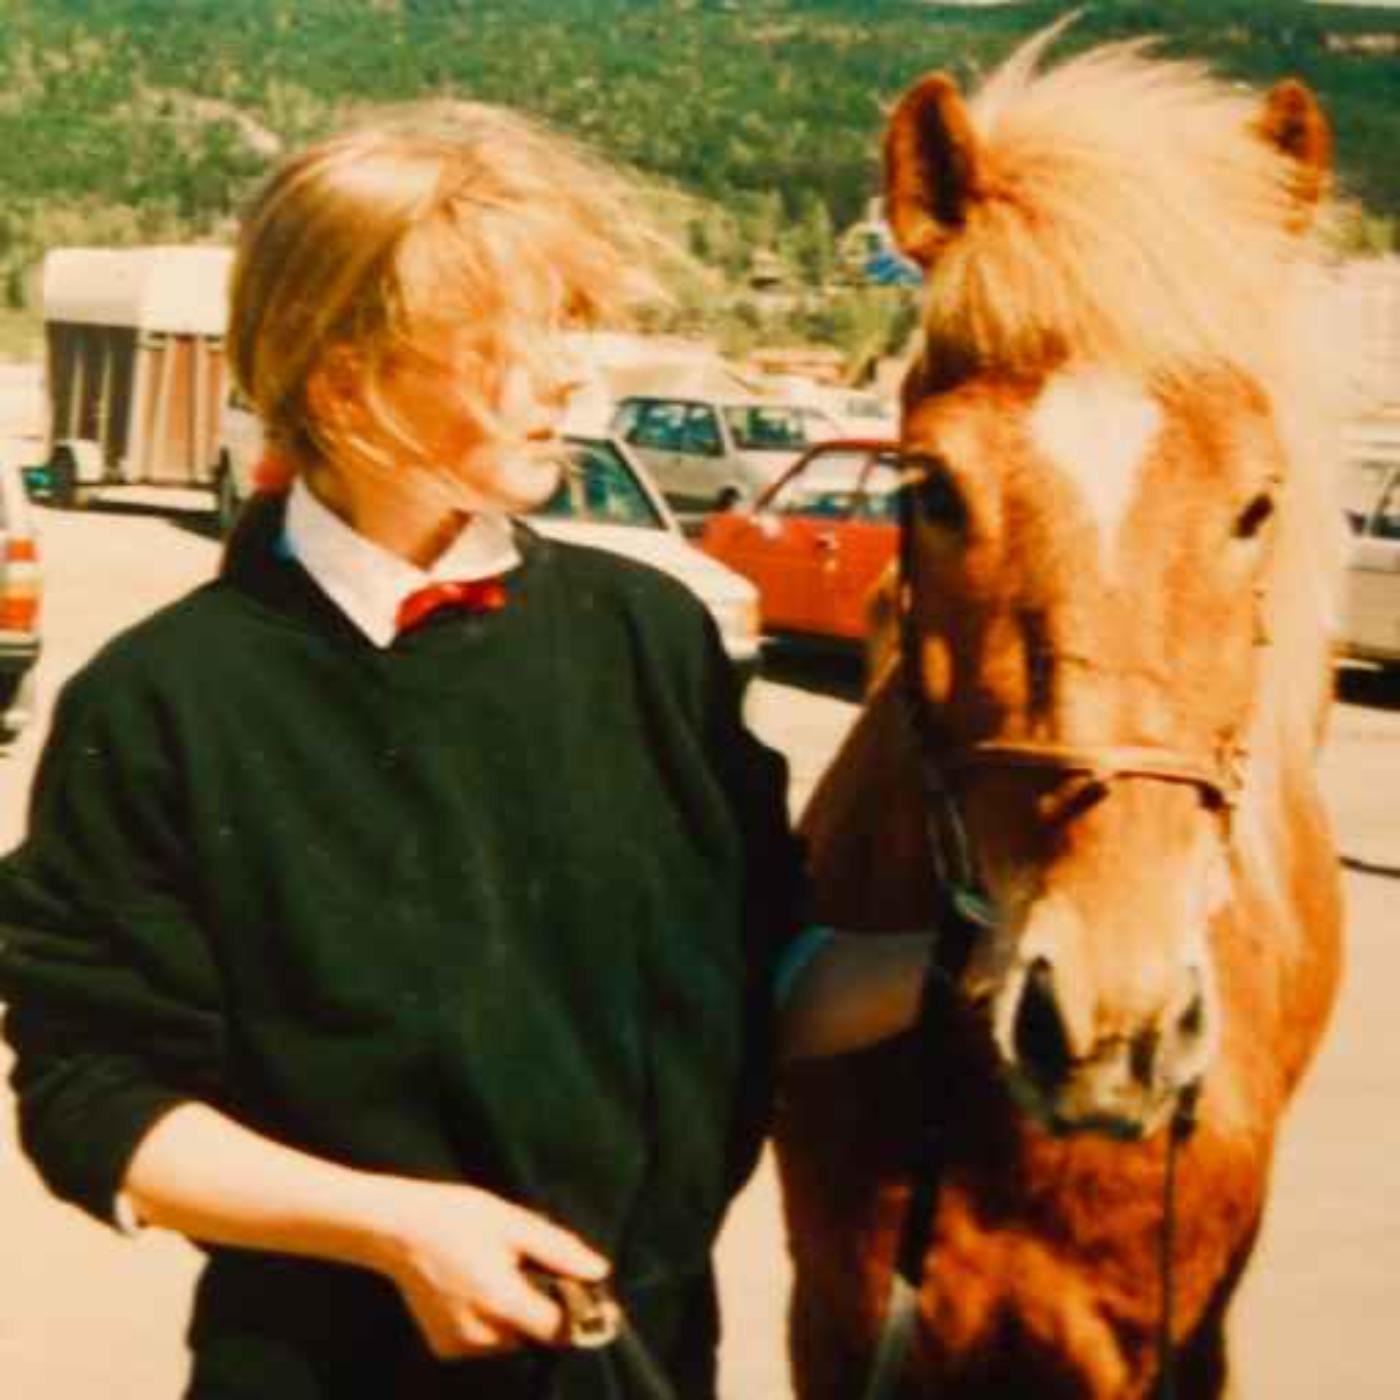 65 - Hesten som ikke ville stoppe - MOZ#10